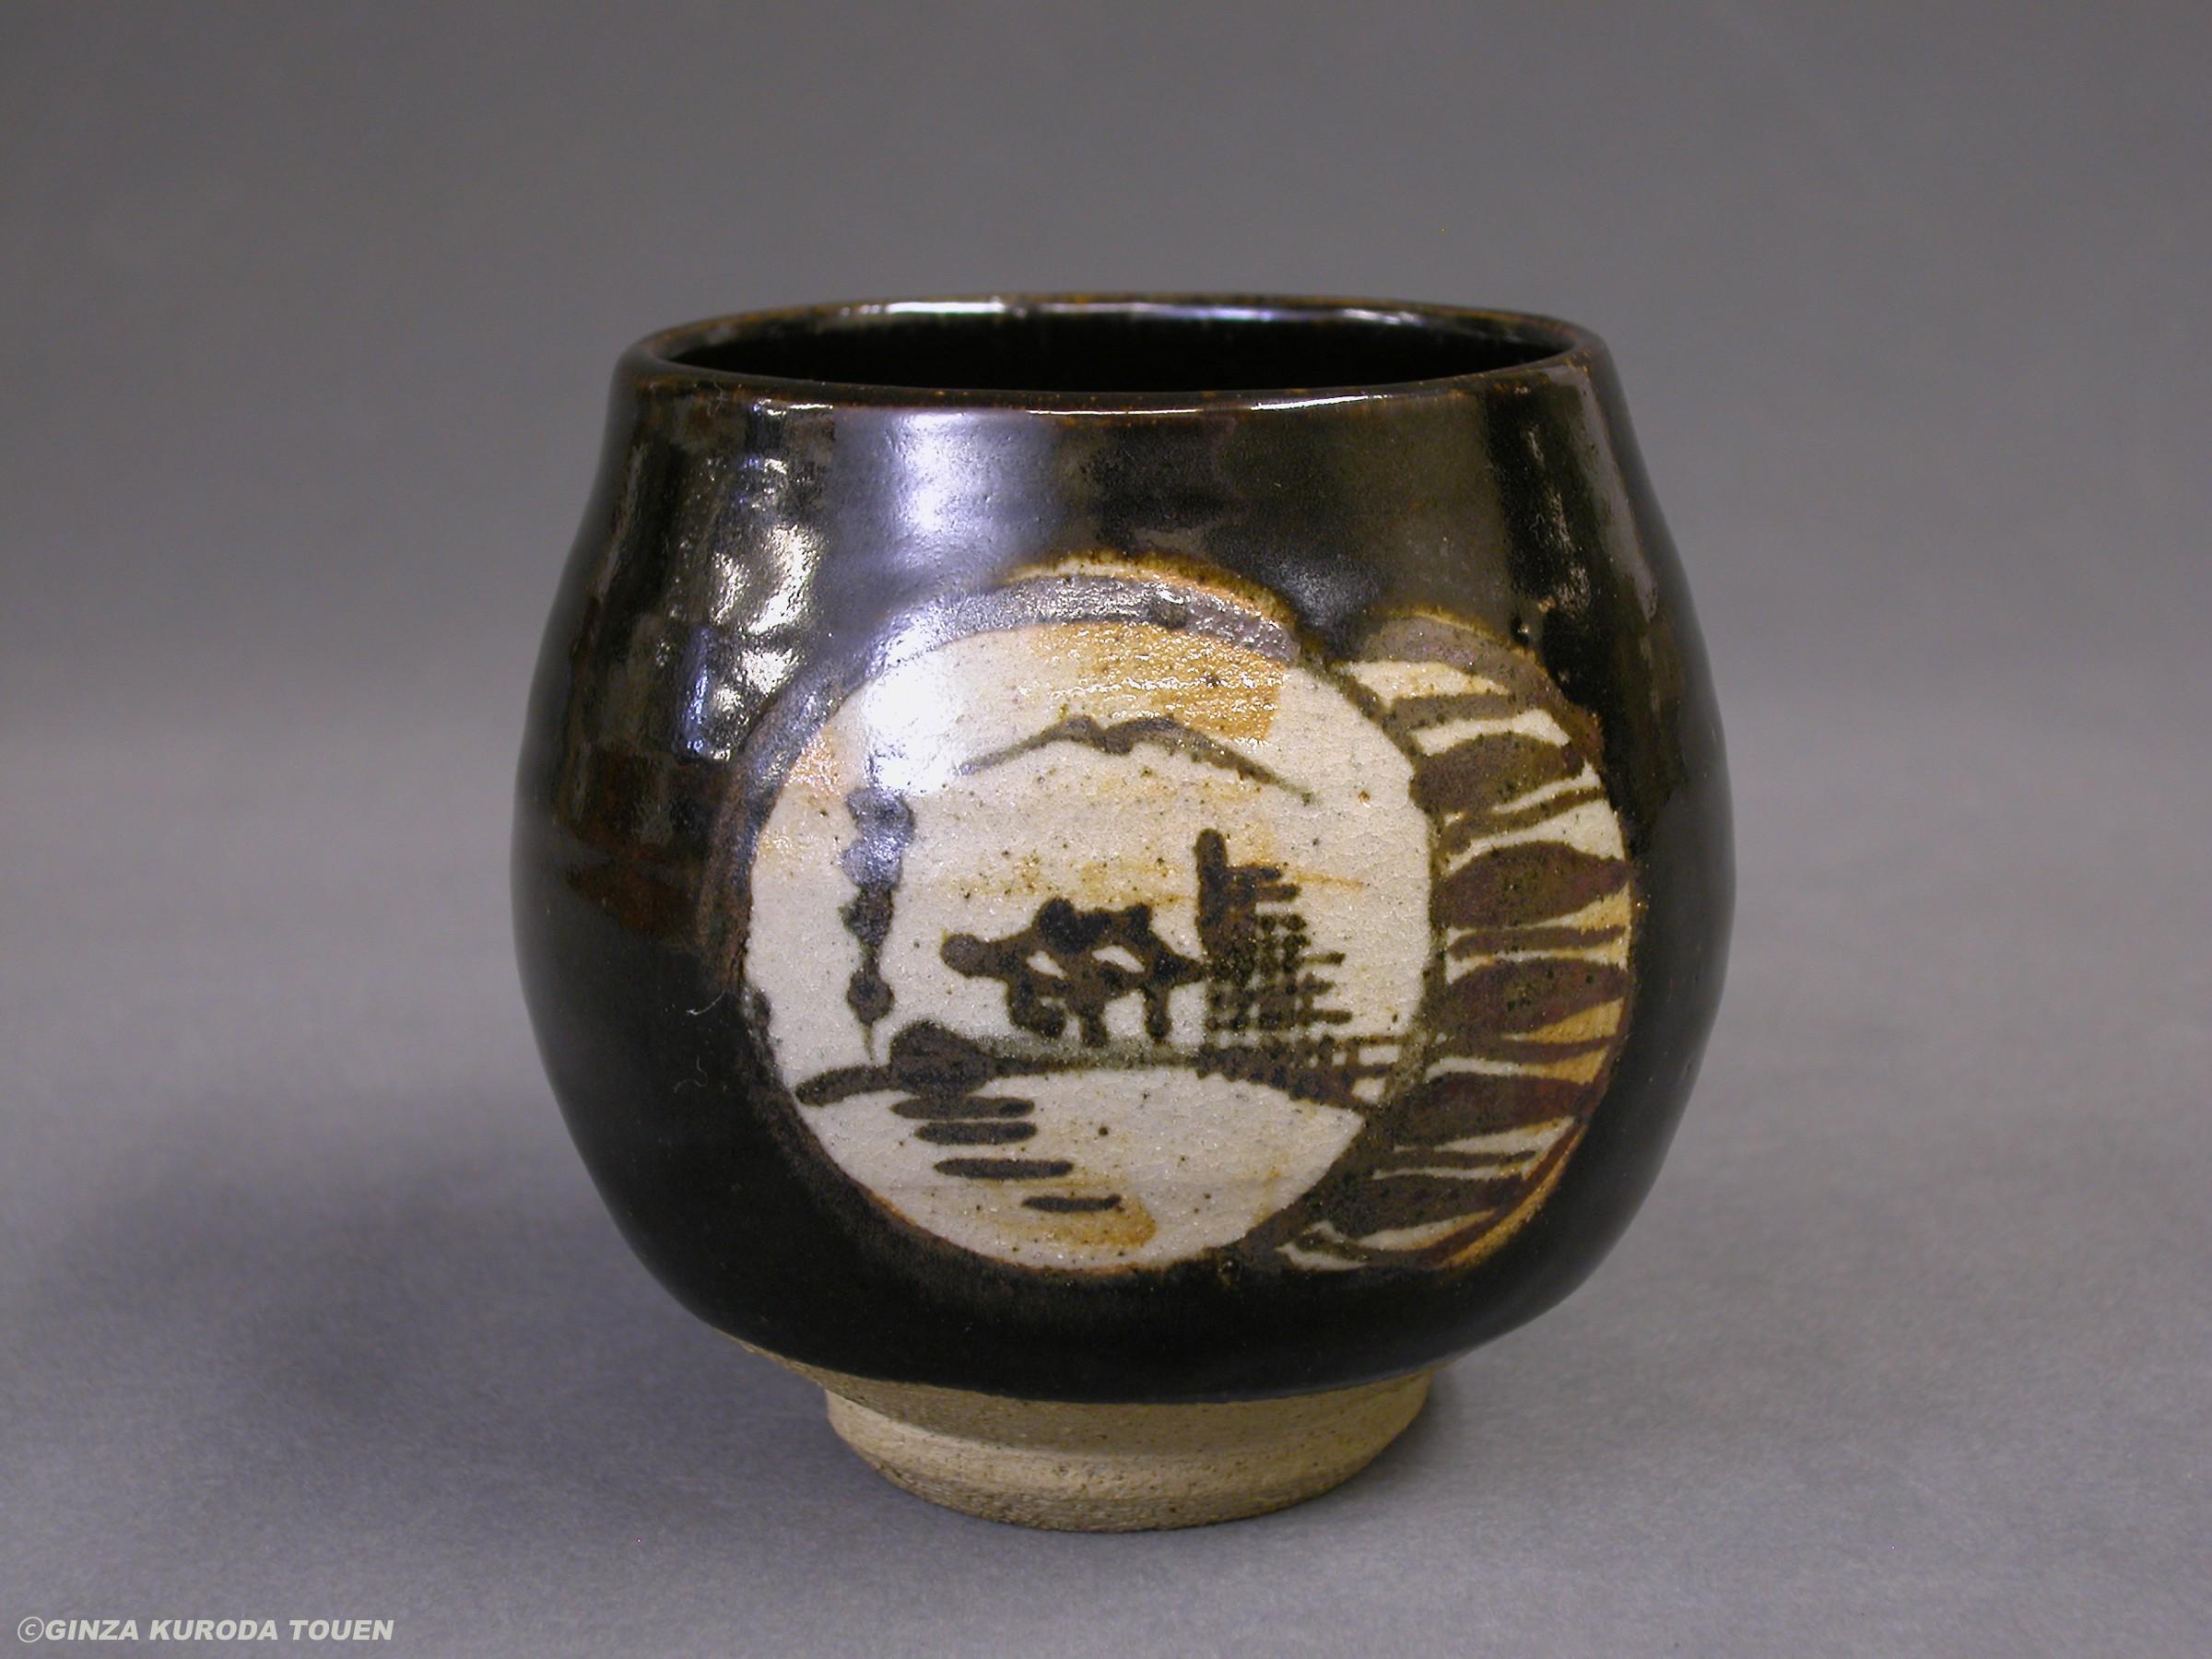 石黒宗麿 黒織部茶碗 銀座 黒田陶苑は現代陶芸と美術の専門店です。